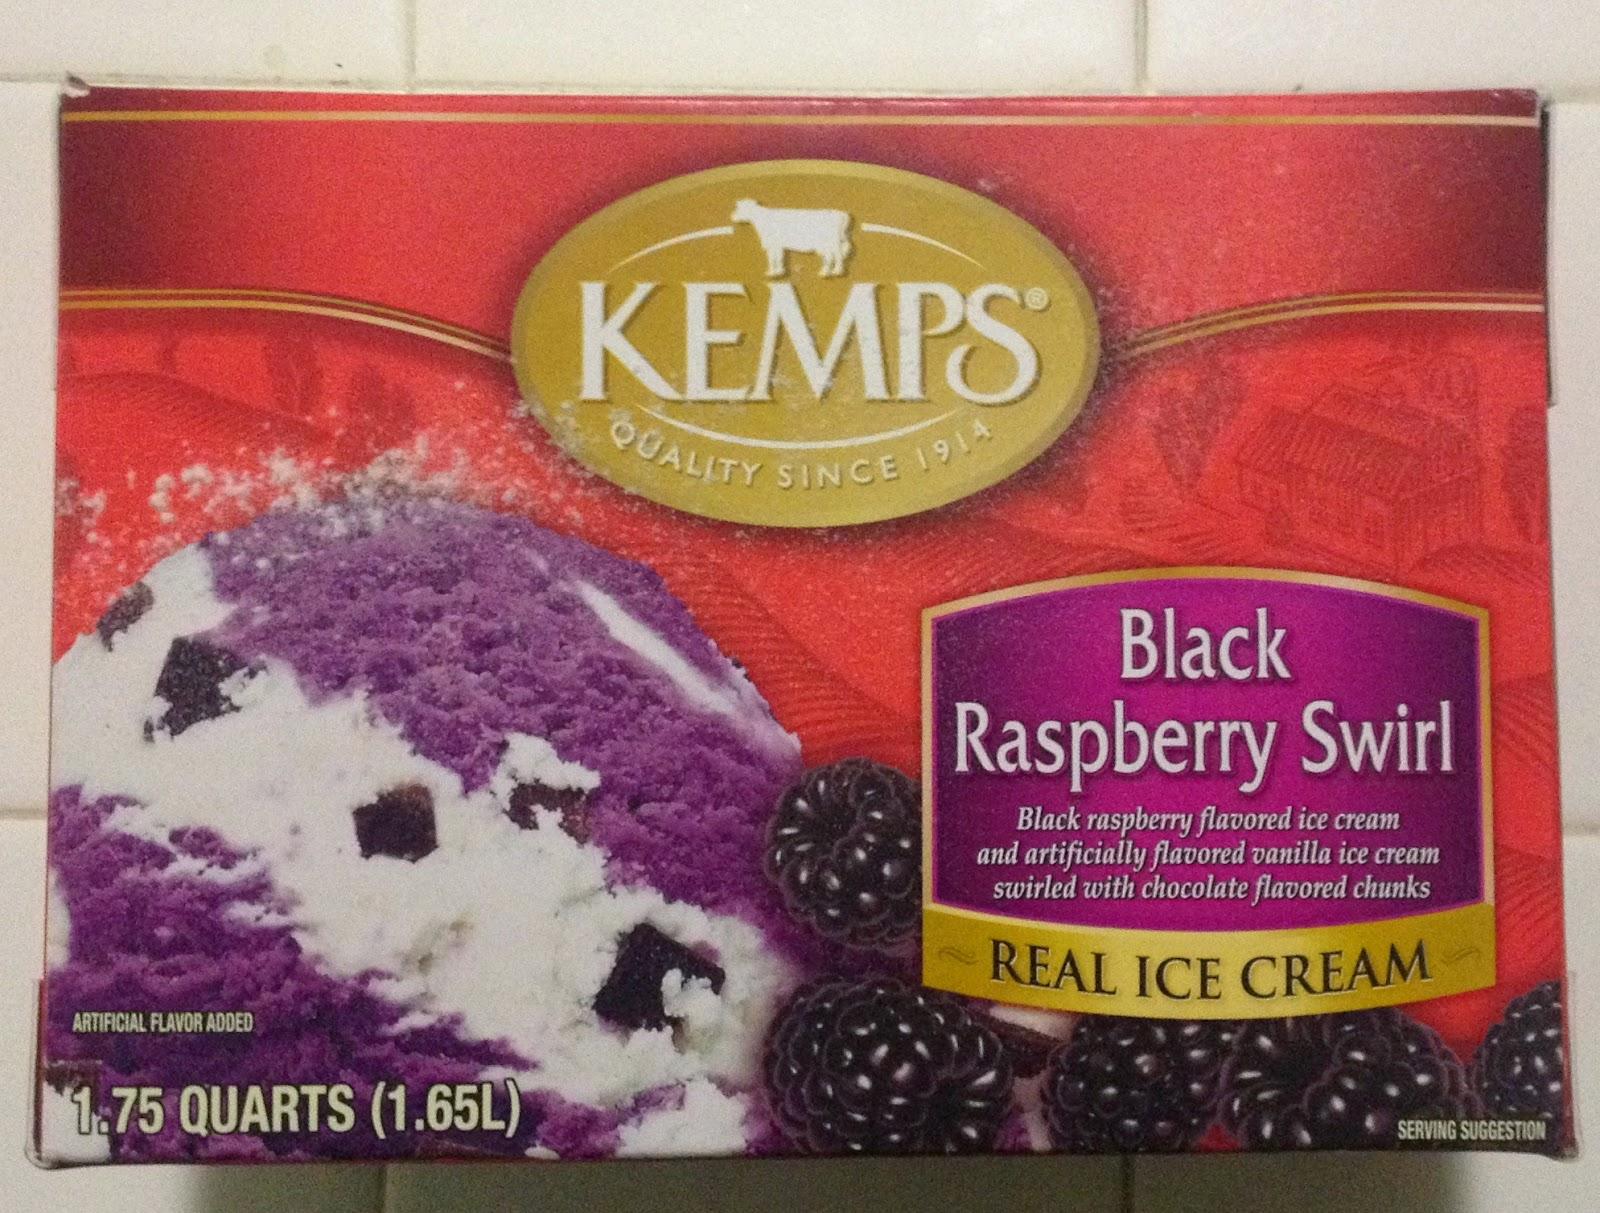 Kemps Black Raspberry Swirl